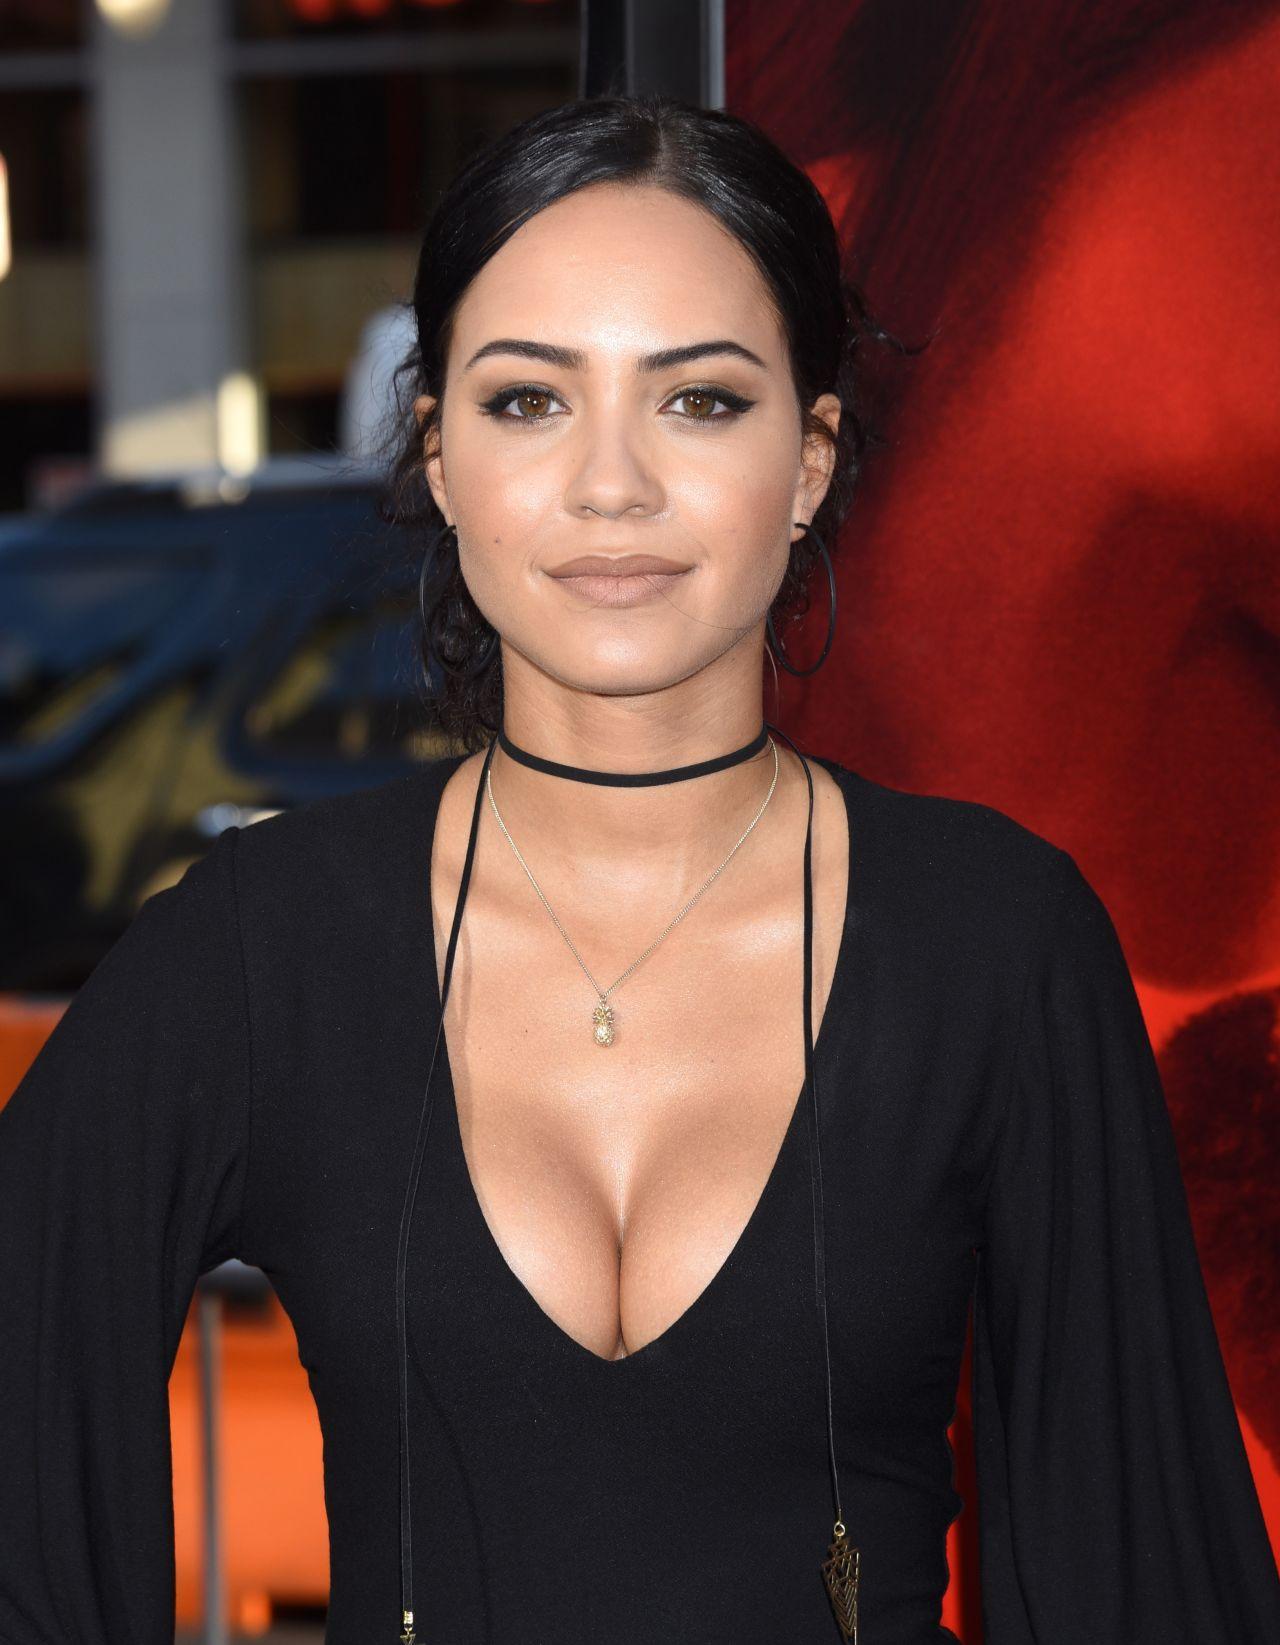 Body tristin mays Actress Tristin